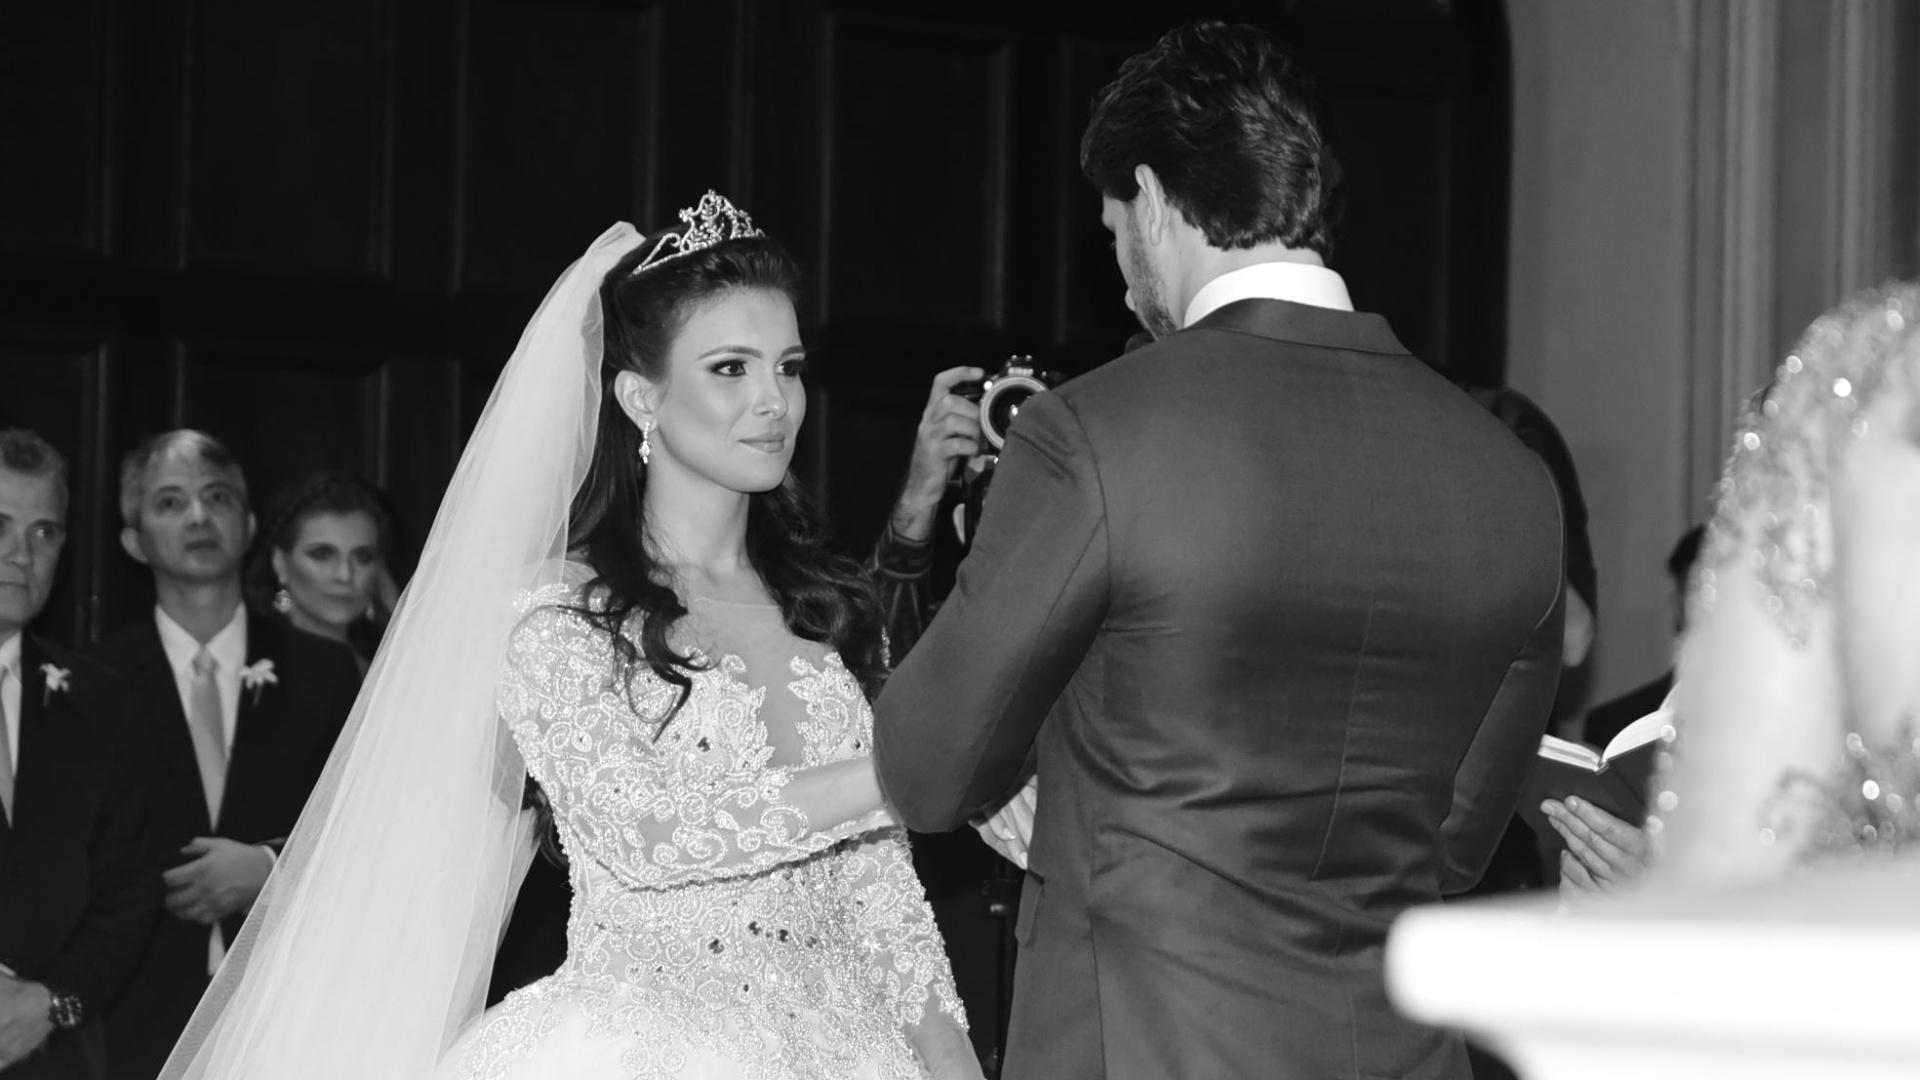 4.set.2016 - Kamilla Salgado e Eliéser Ambrósio trocam alianças na capela da PUC-SP. Os ex-BBBs se casaram na tarde deste domingo em uma cerimônia religiosa. Kamilla e Eliéser se conheceram na 13ª edição do reality show